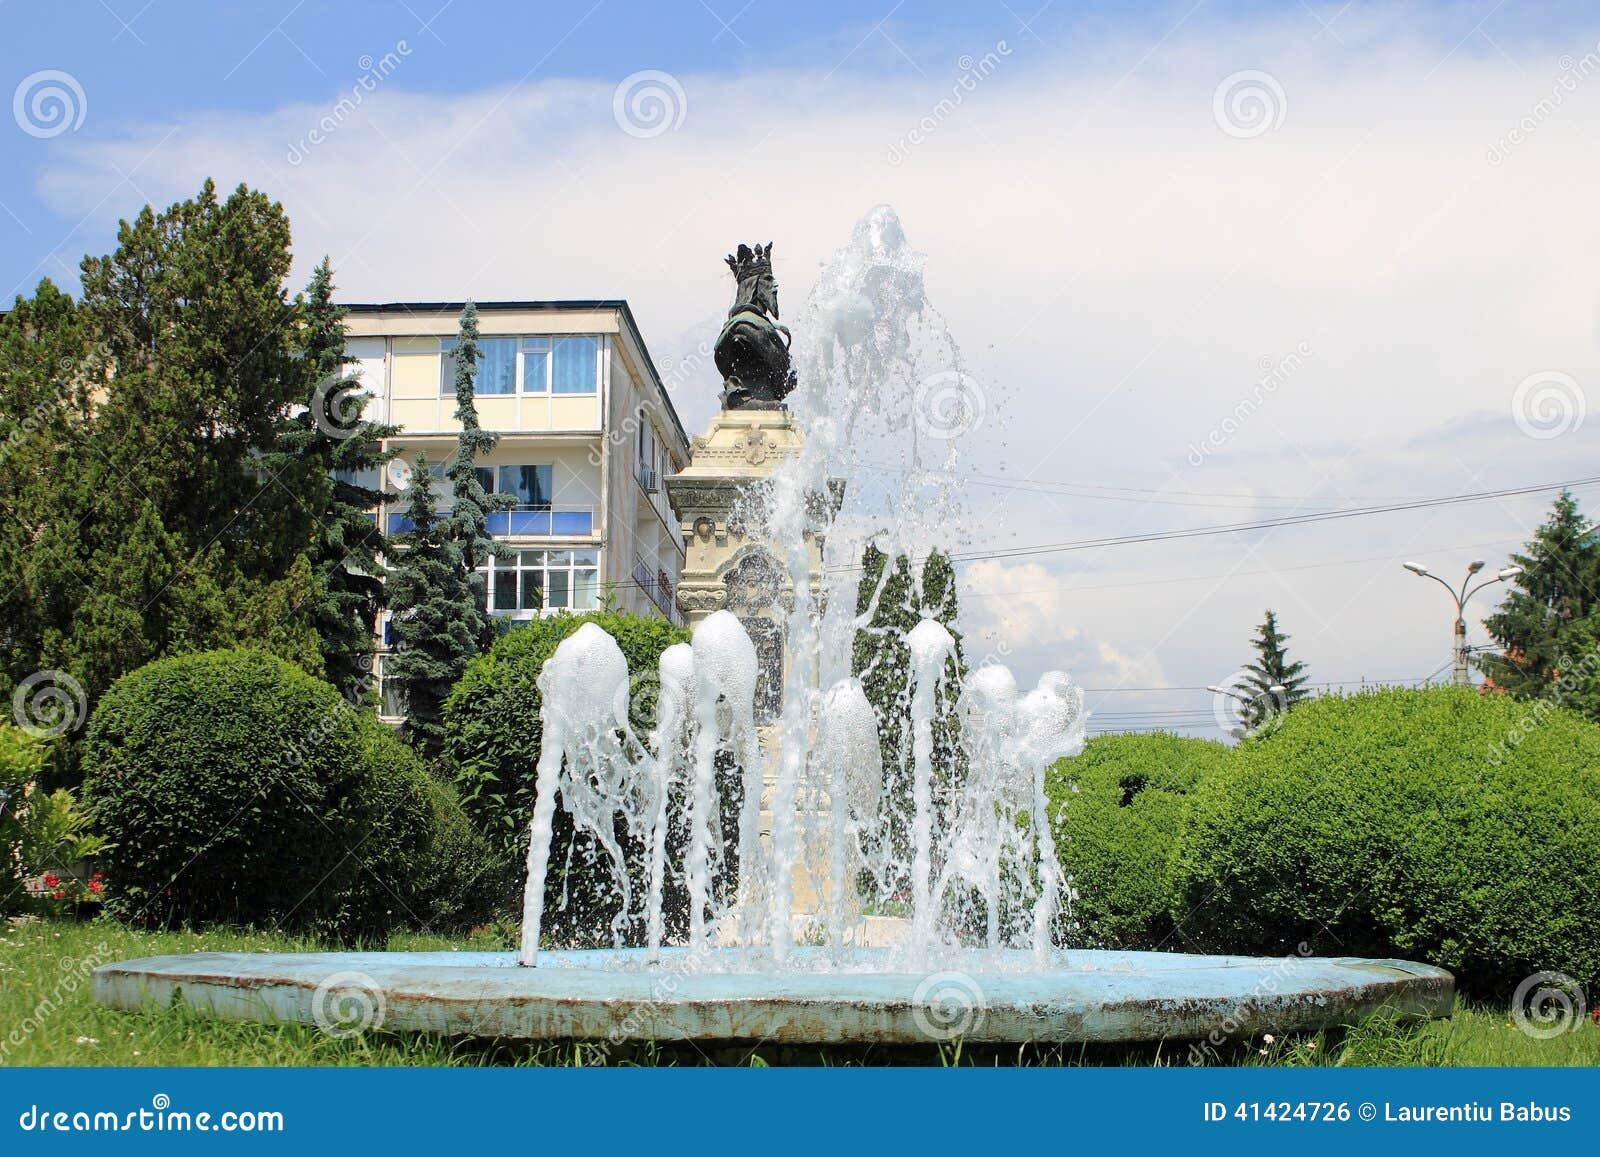 Pozzo Artesiano E La Statua Di Radu Negru Basarab Fotografia Stock - Immagine: 41424726